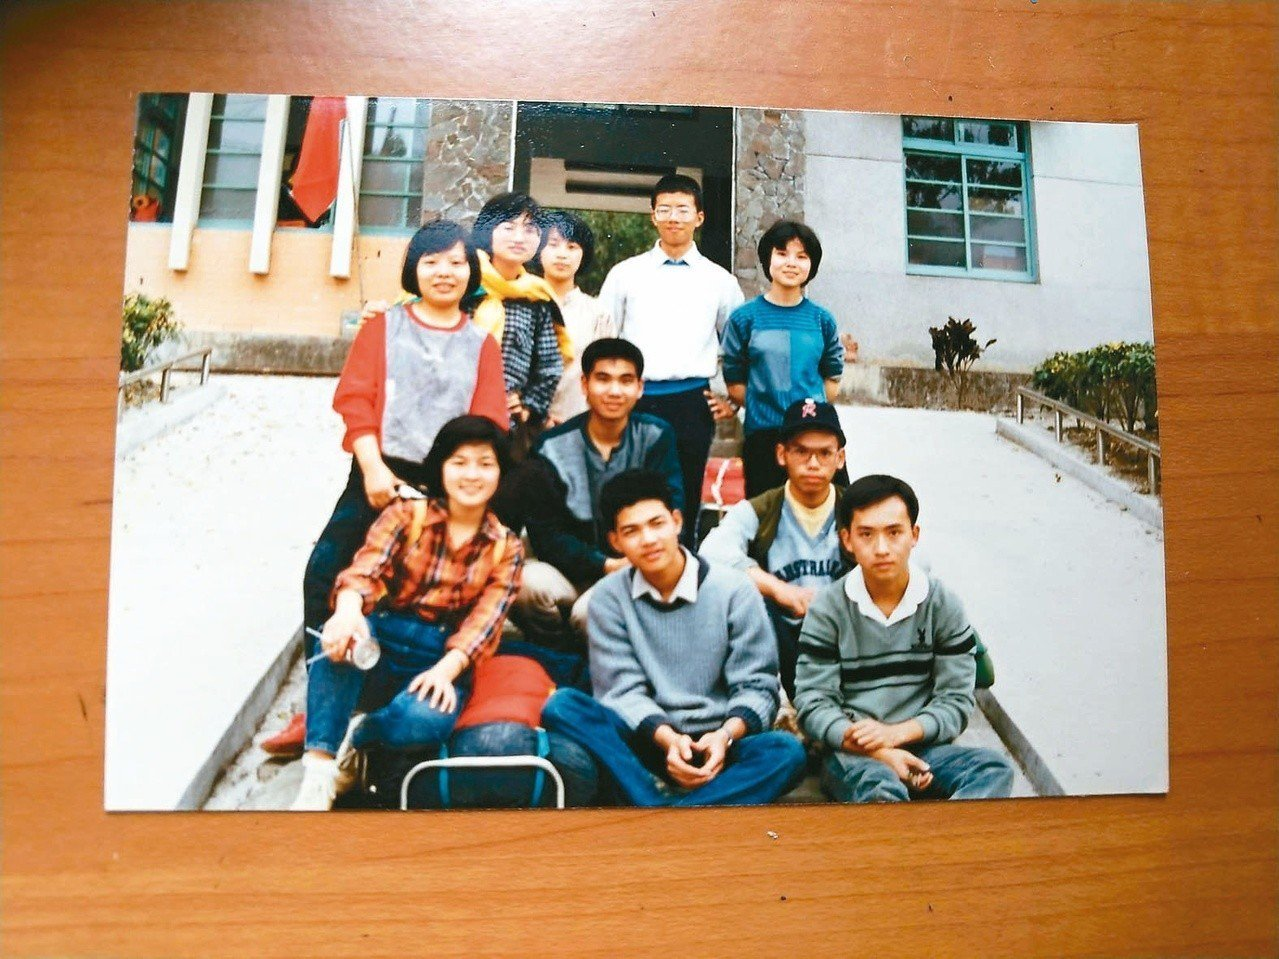 吳鈞堯(前排中)與高中同學露營、健行北勢溪。無憂年頭,佐歌最樂。